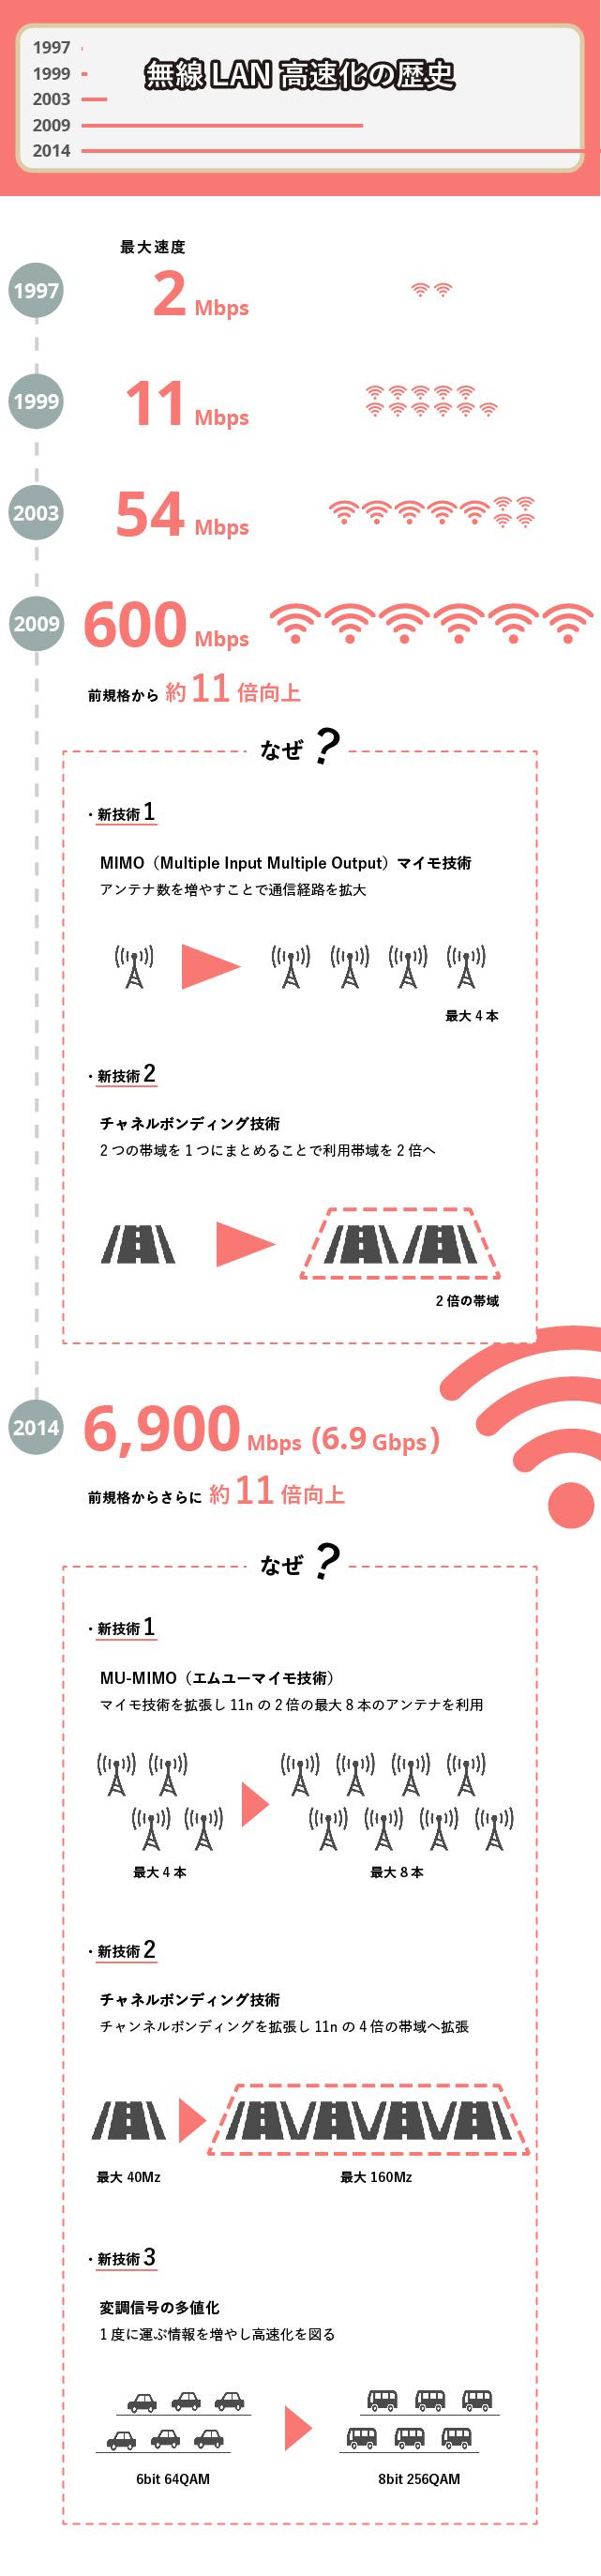 infographic_v3-02